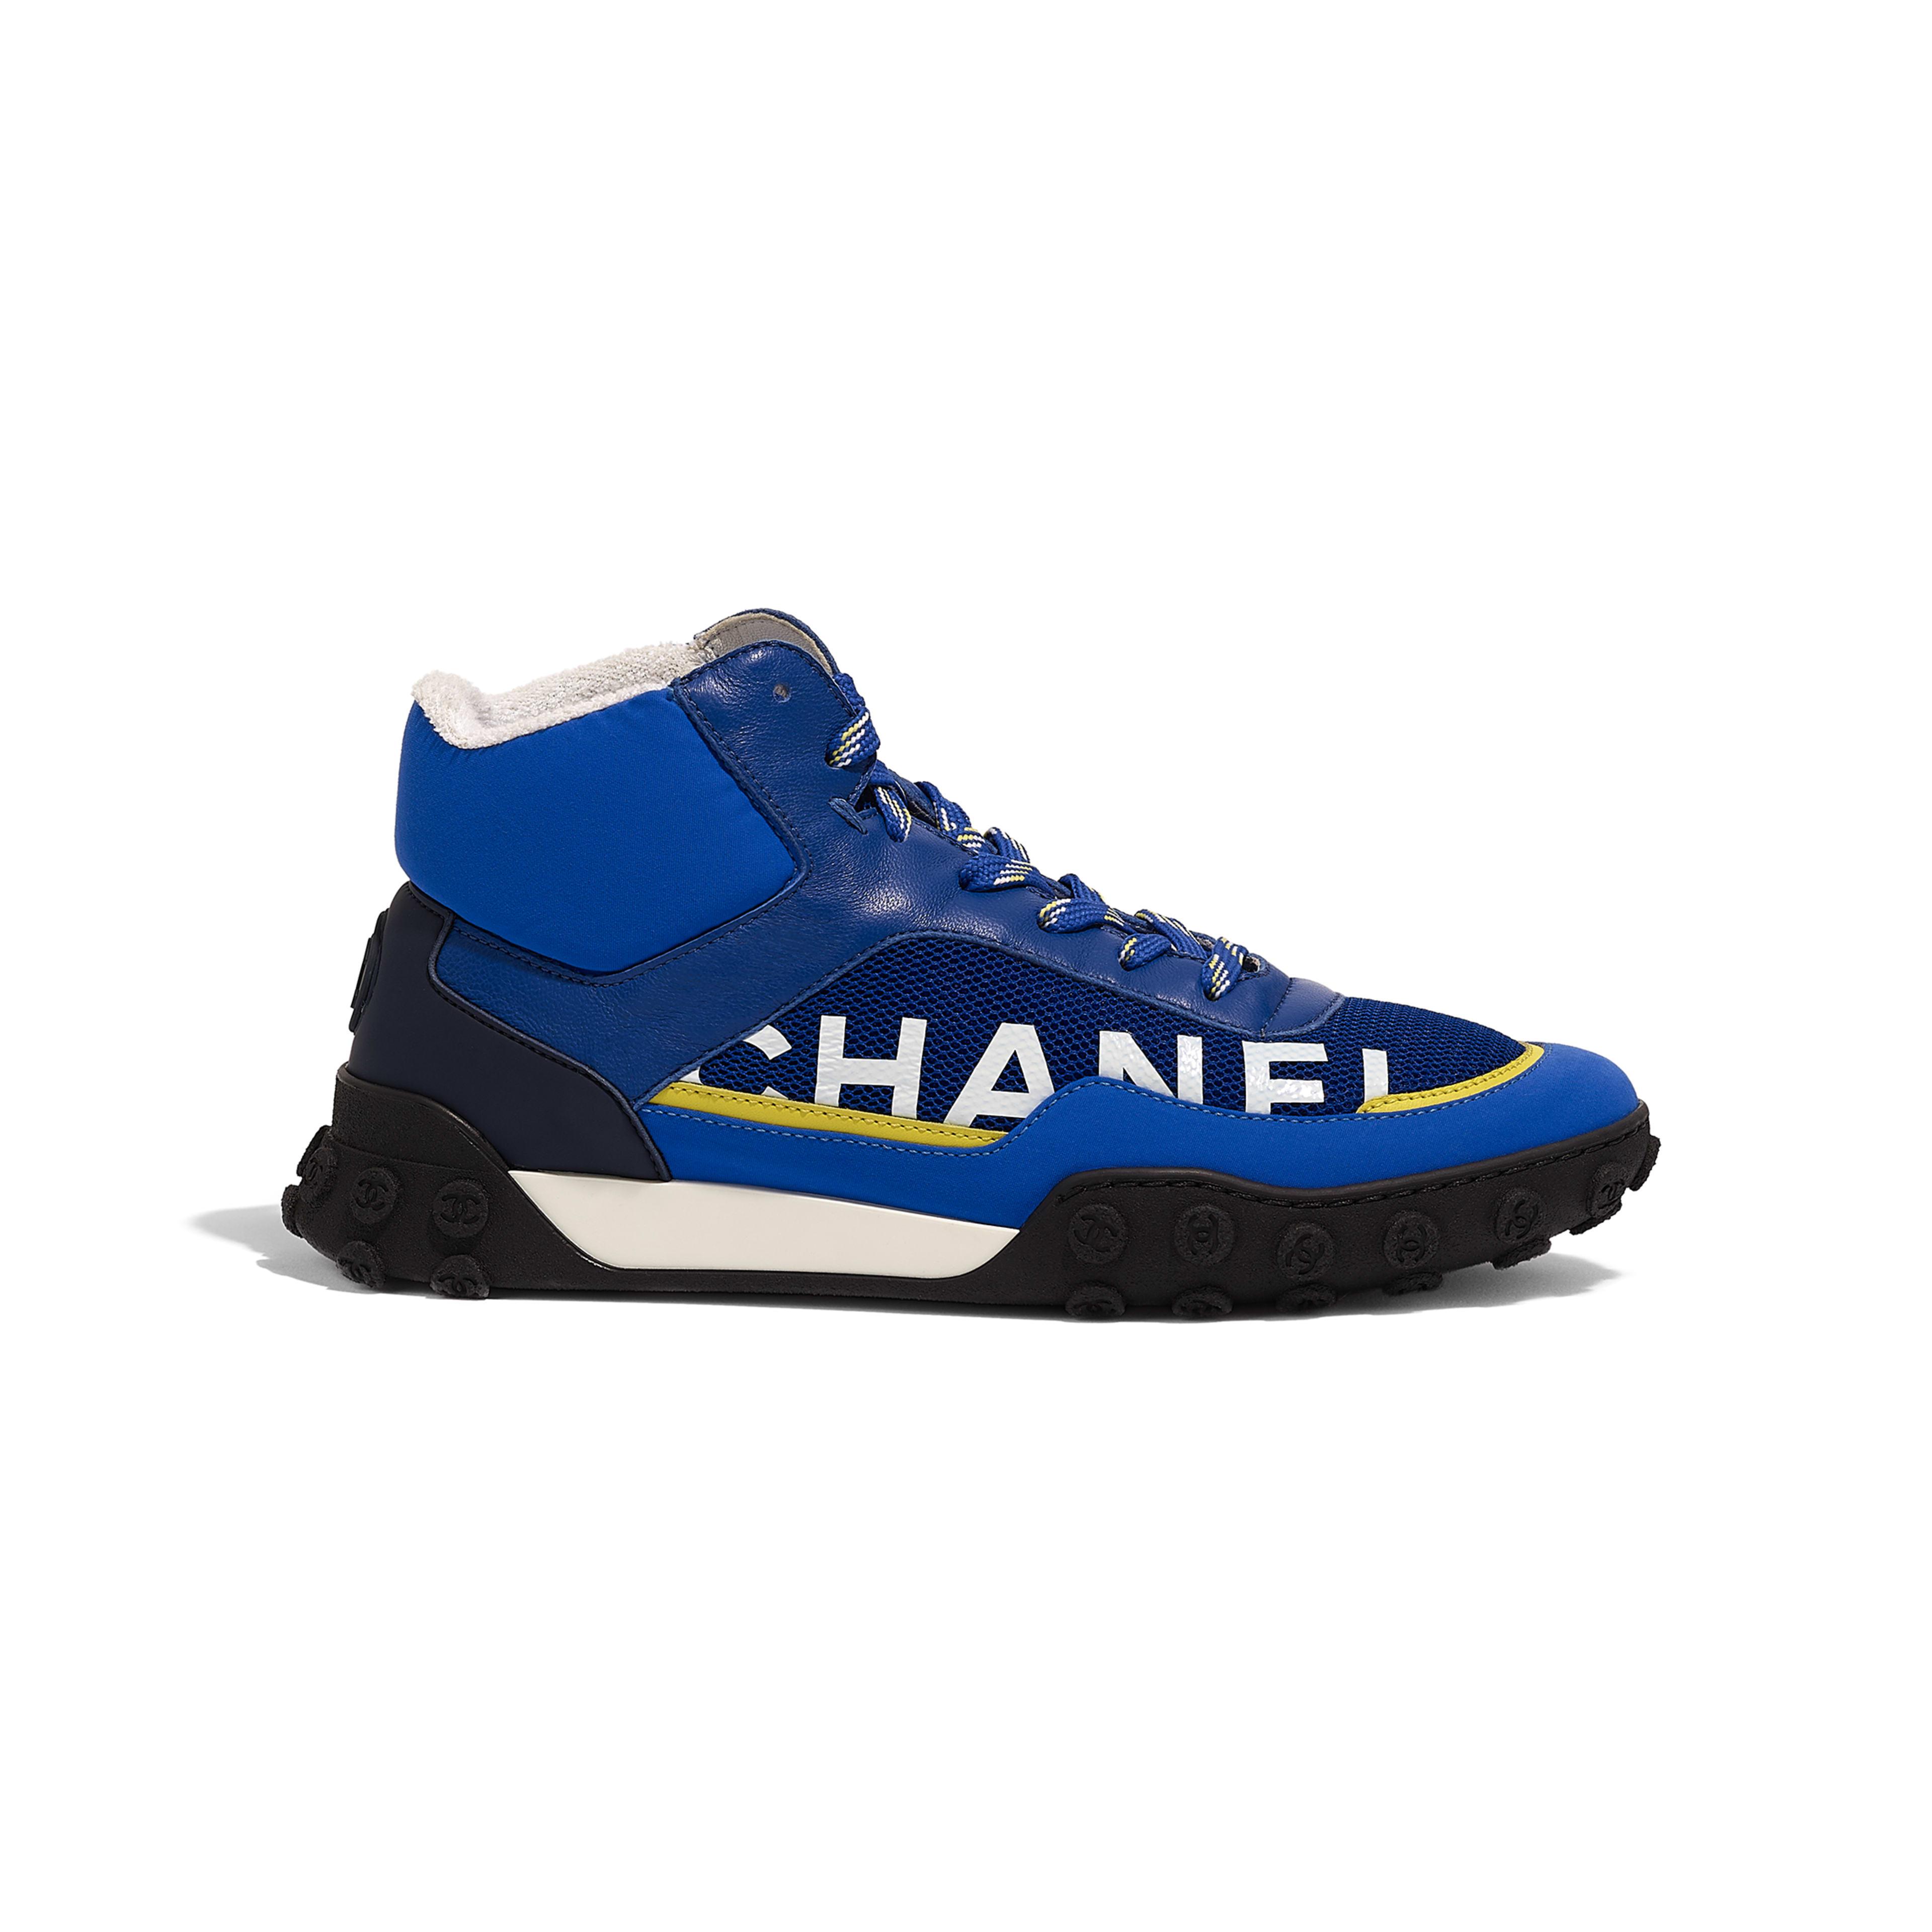 03b0c8a0f56b Sneakers - Royal Blue